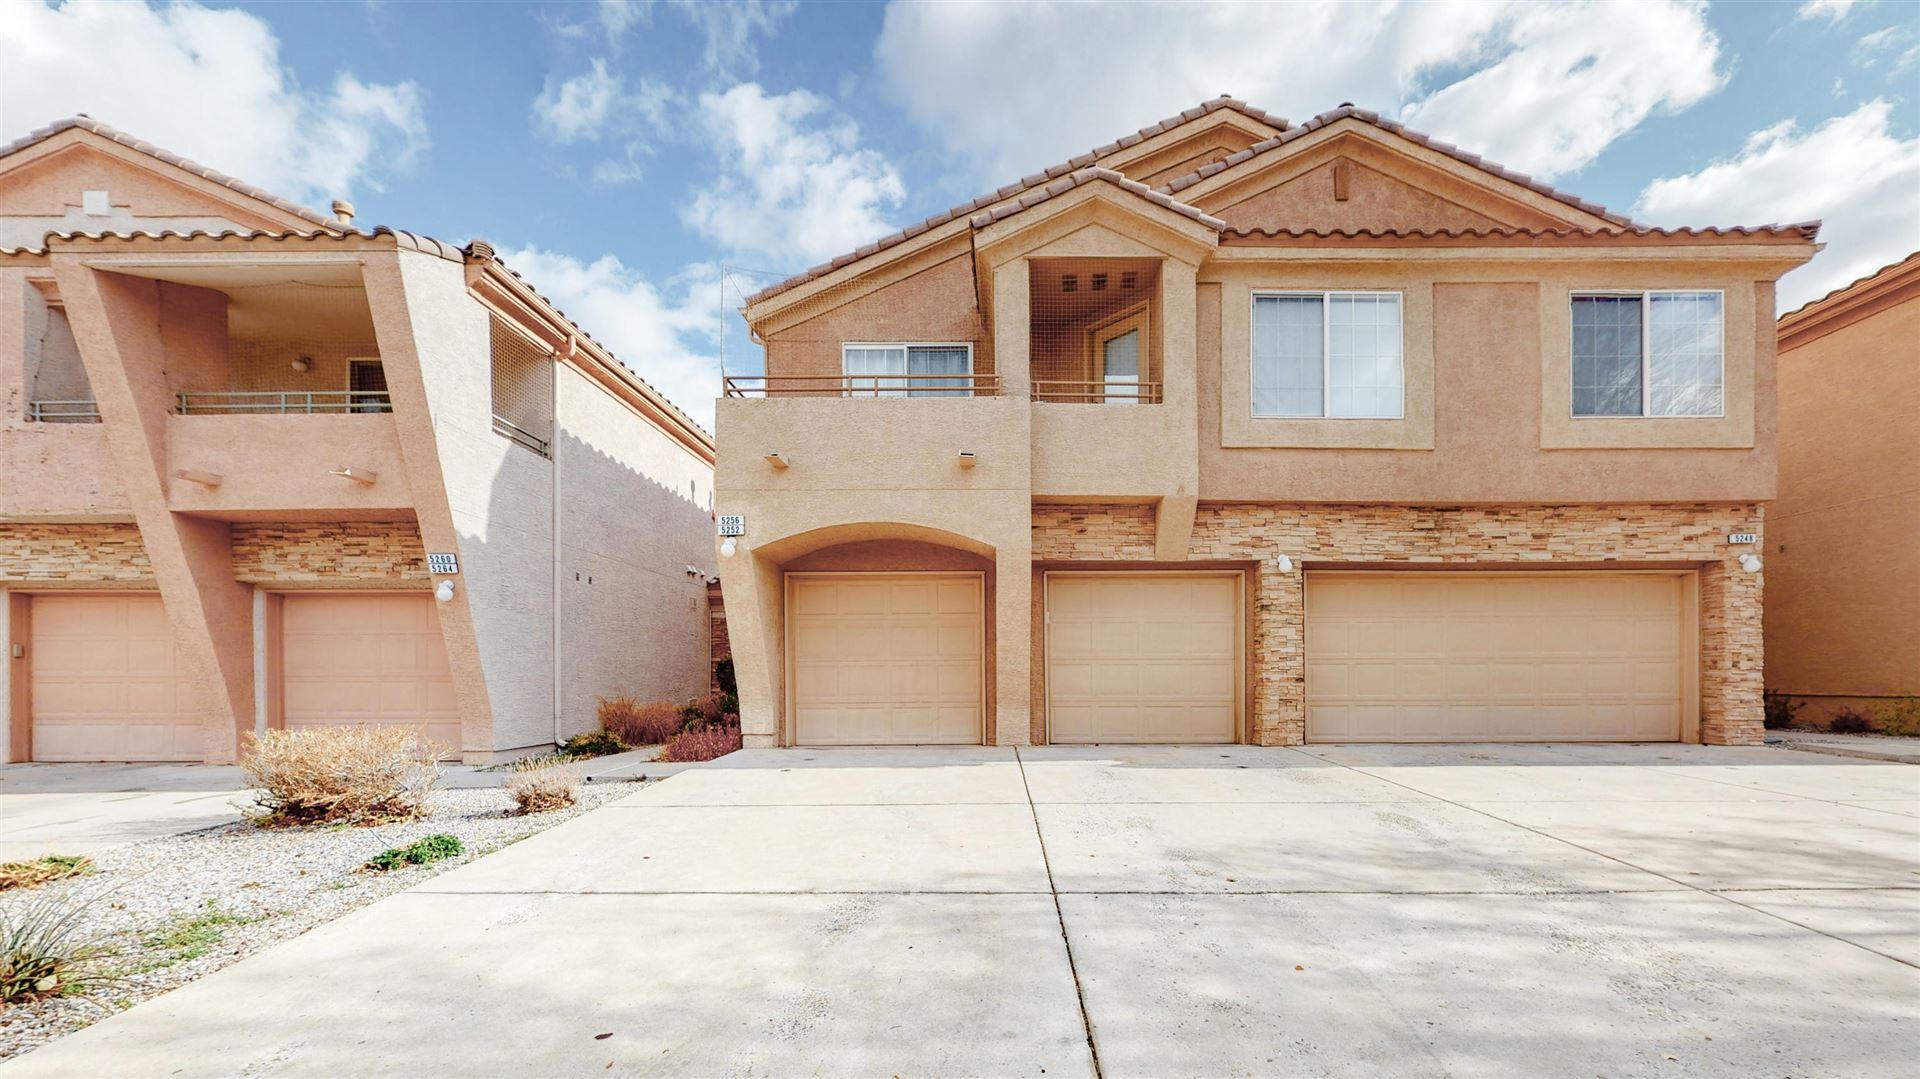 5256 MOLOKAI Street NE, Albuquerque, NM 87111 - MLS#: 981749